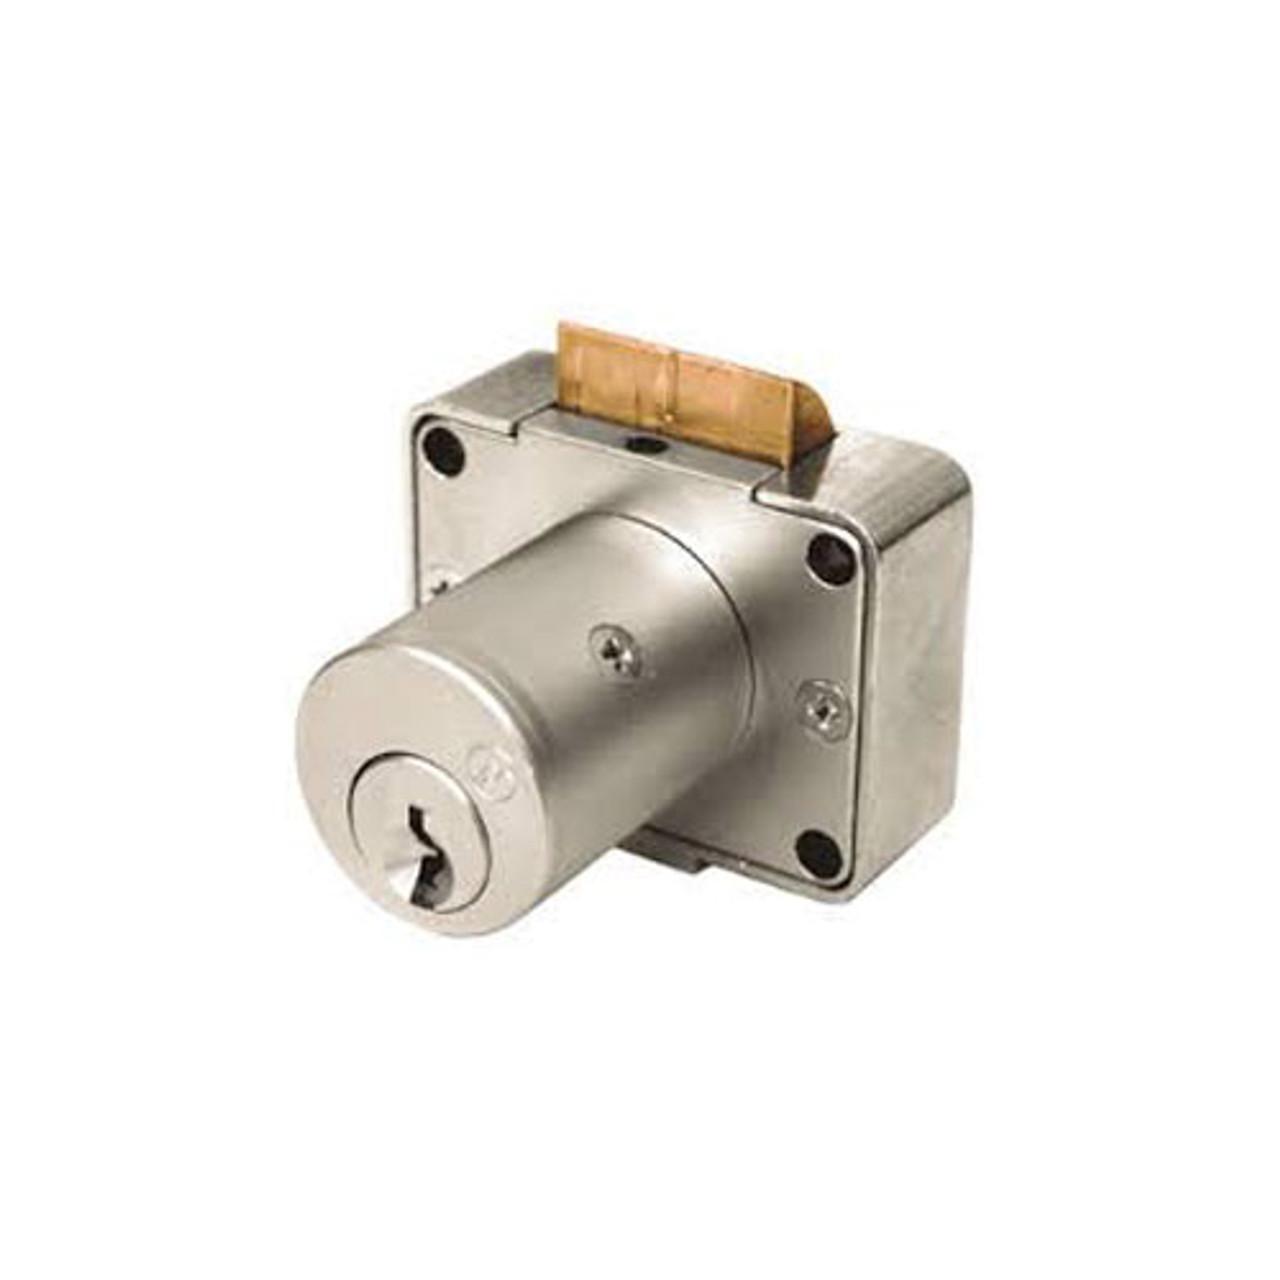 Olympus 996V-VH-KA4T2-26D-7/8 Cabinet Locks in Satin Chrome Finish